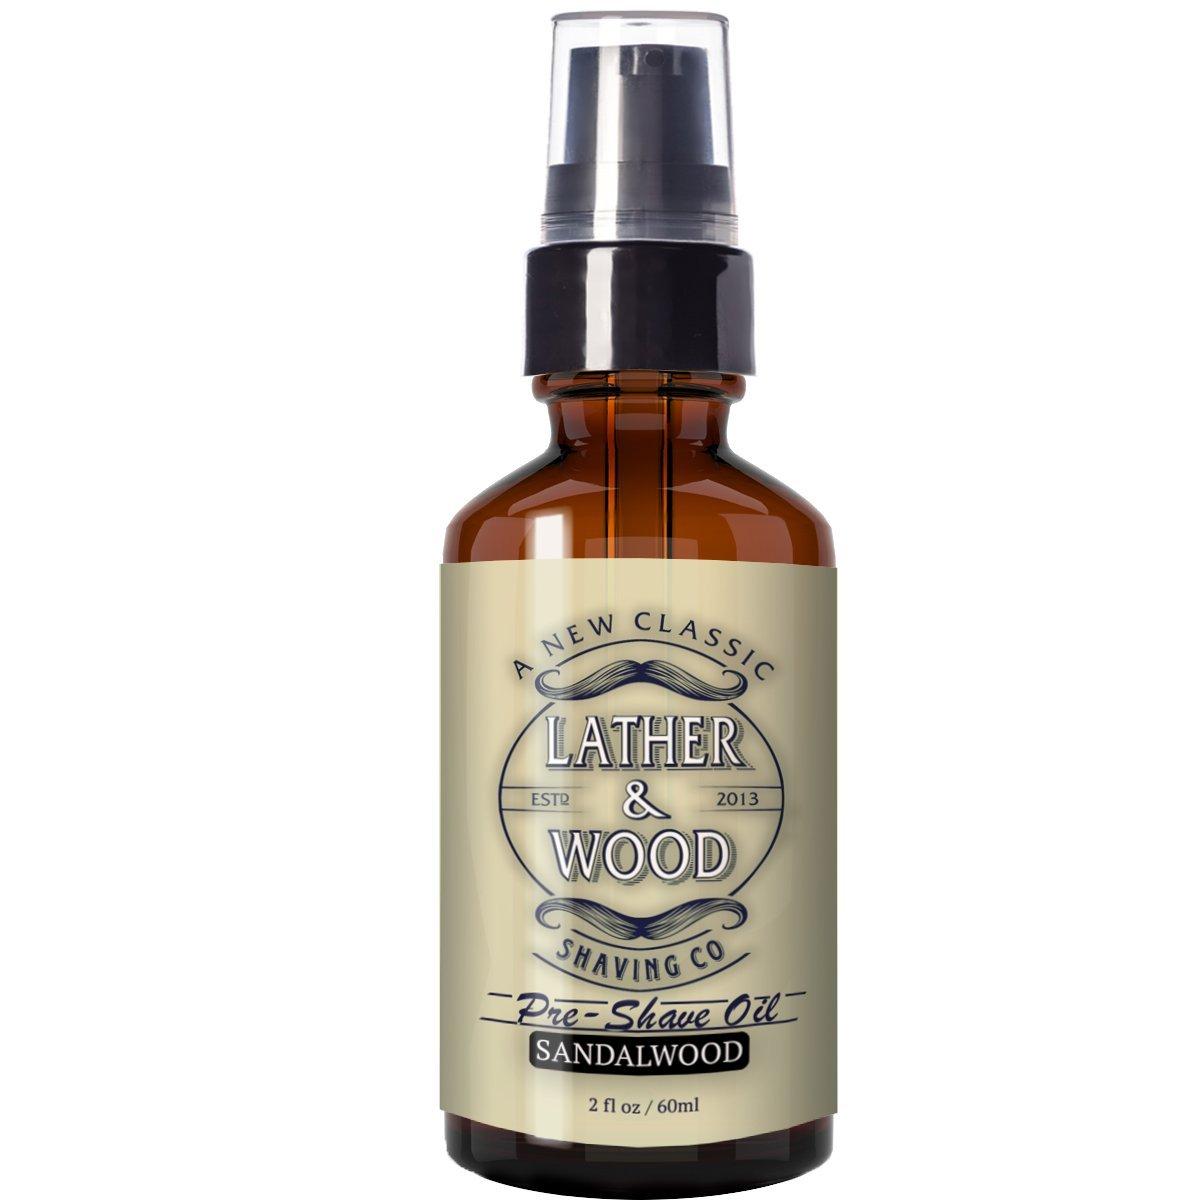 Best Pre-Shave Oil, Sandalwood, Premium Shaving Oil for Effortless Smooth Irritation-free Shave. 2 Oz